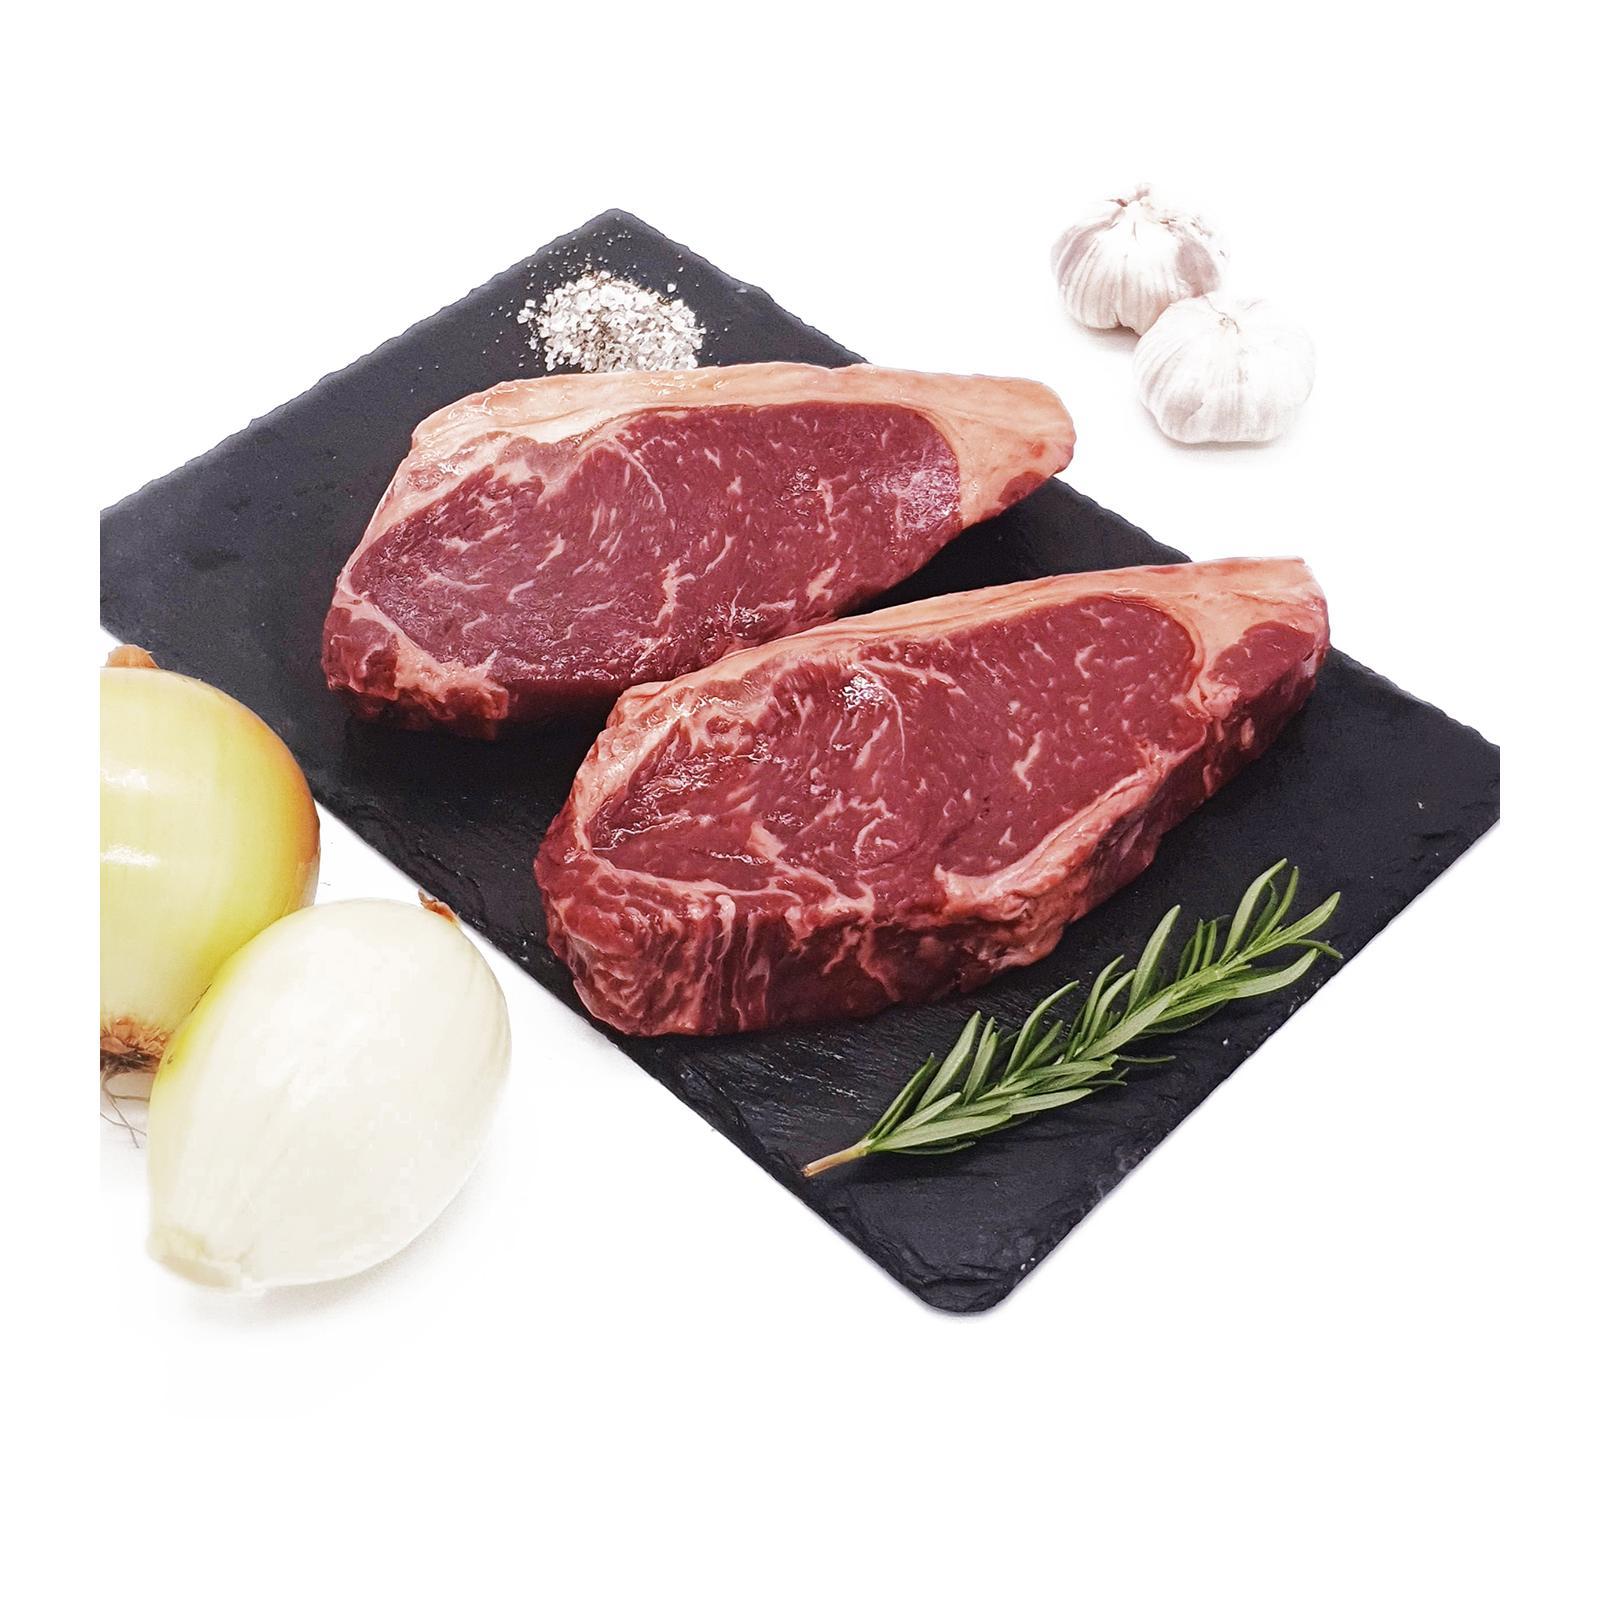 AW'S Market USDA Angus Striploin